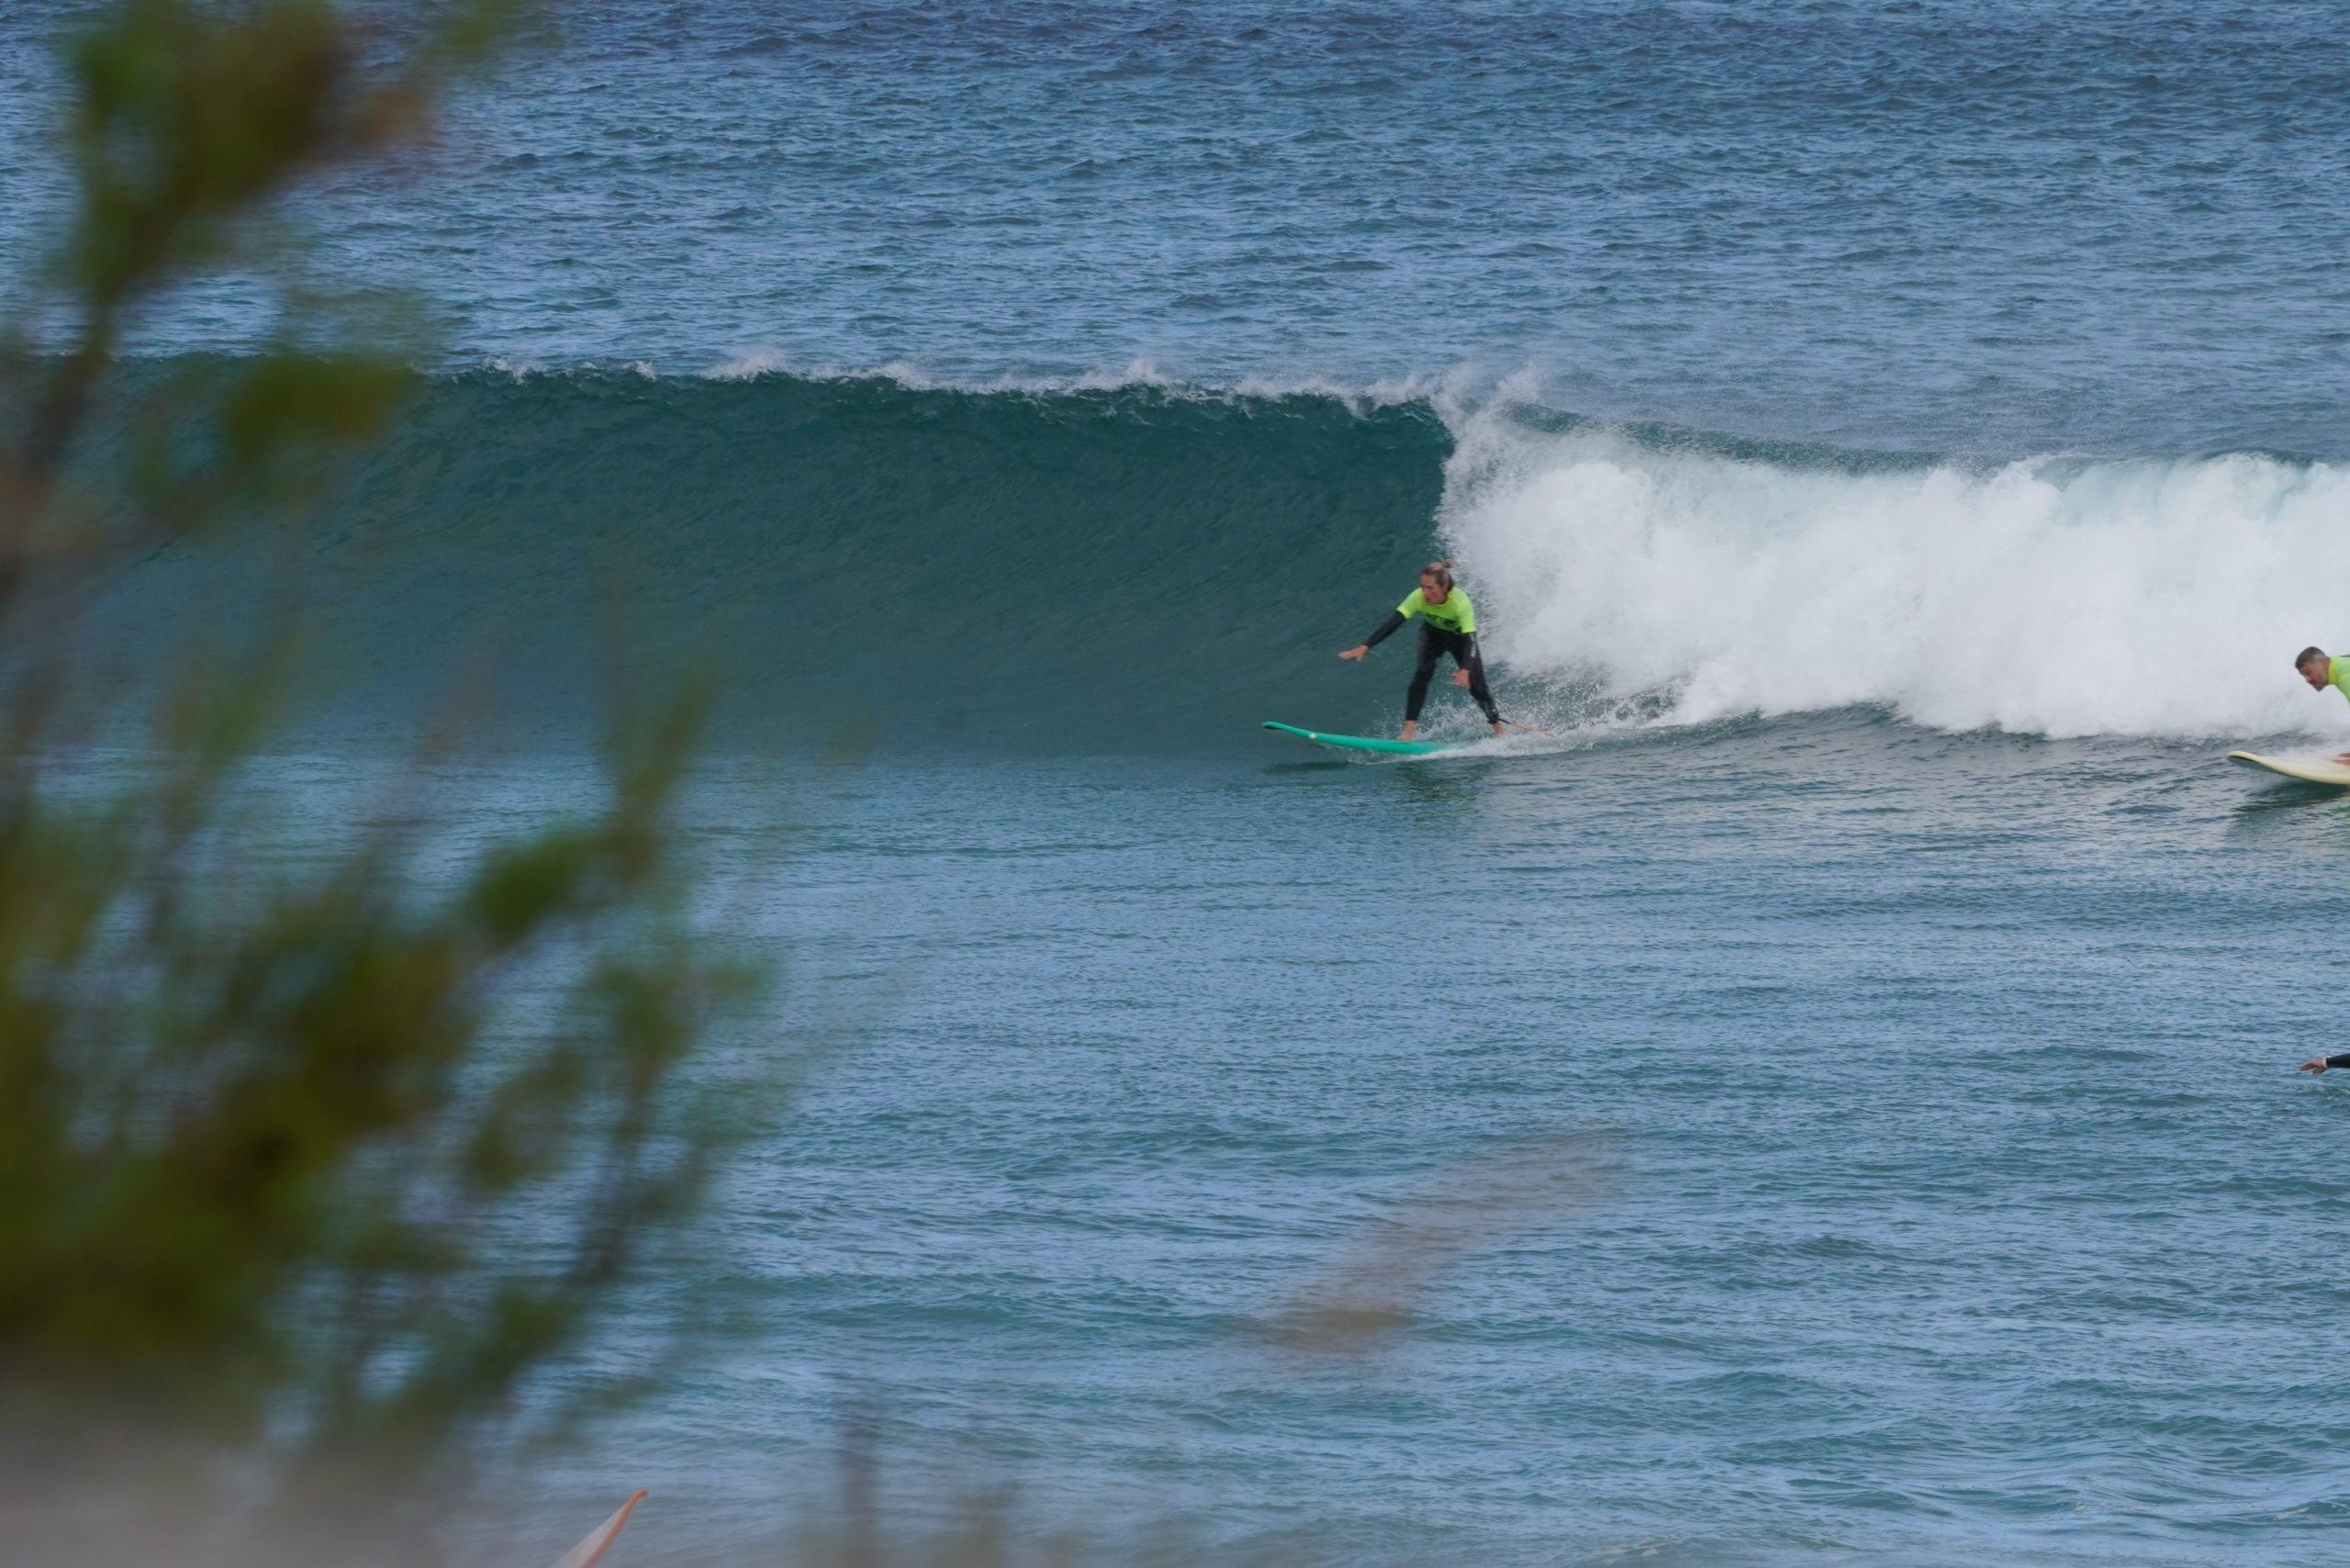 Cómo Saber Cual Es Mi Nivel De Surf